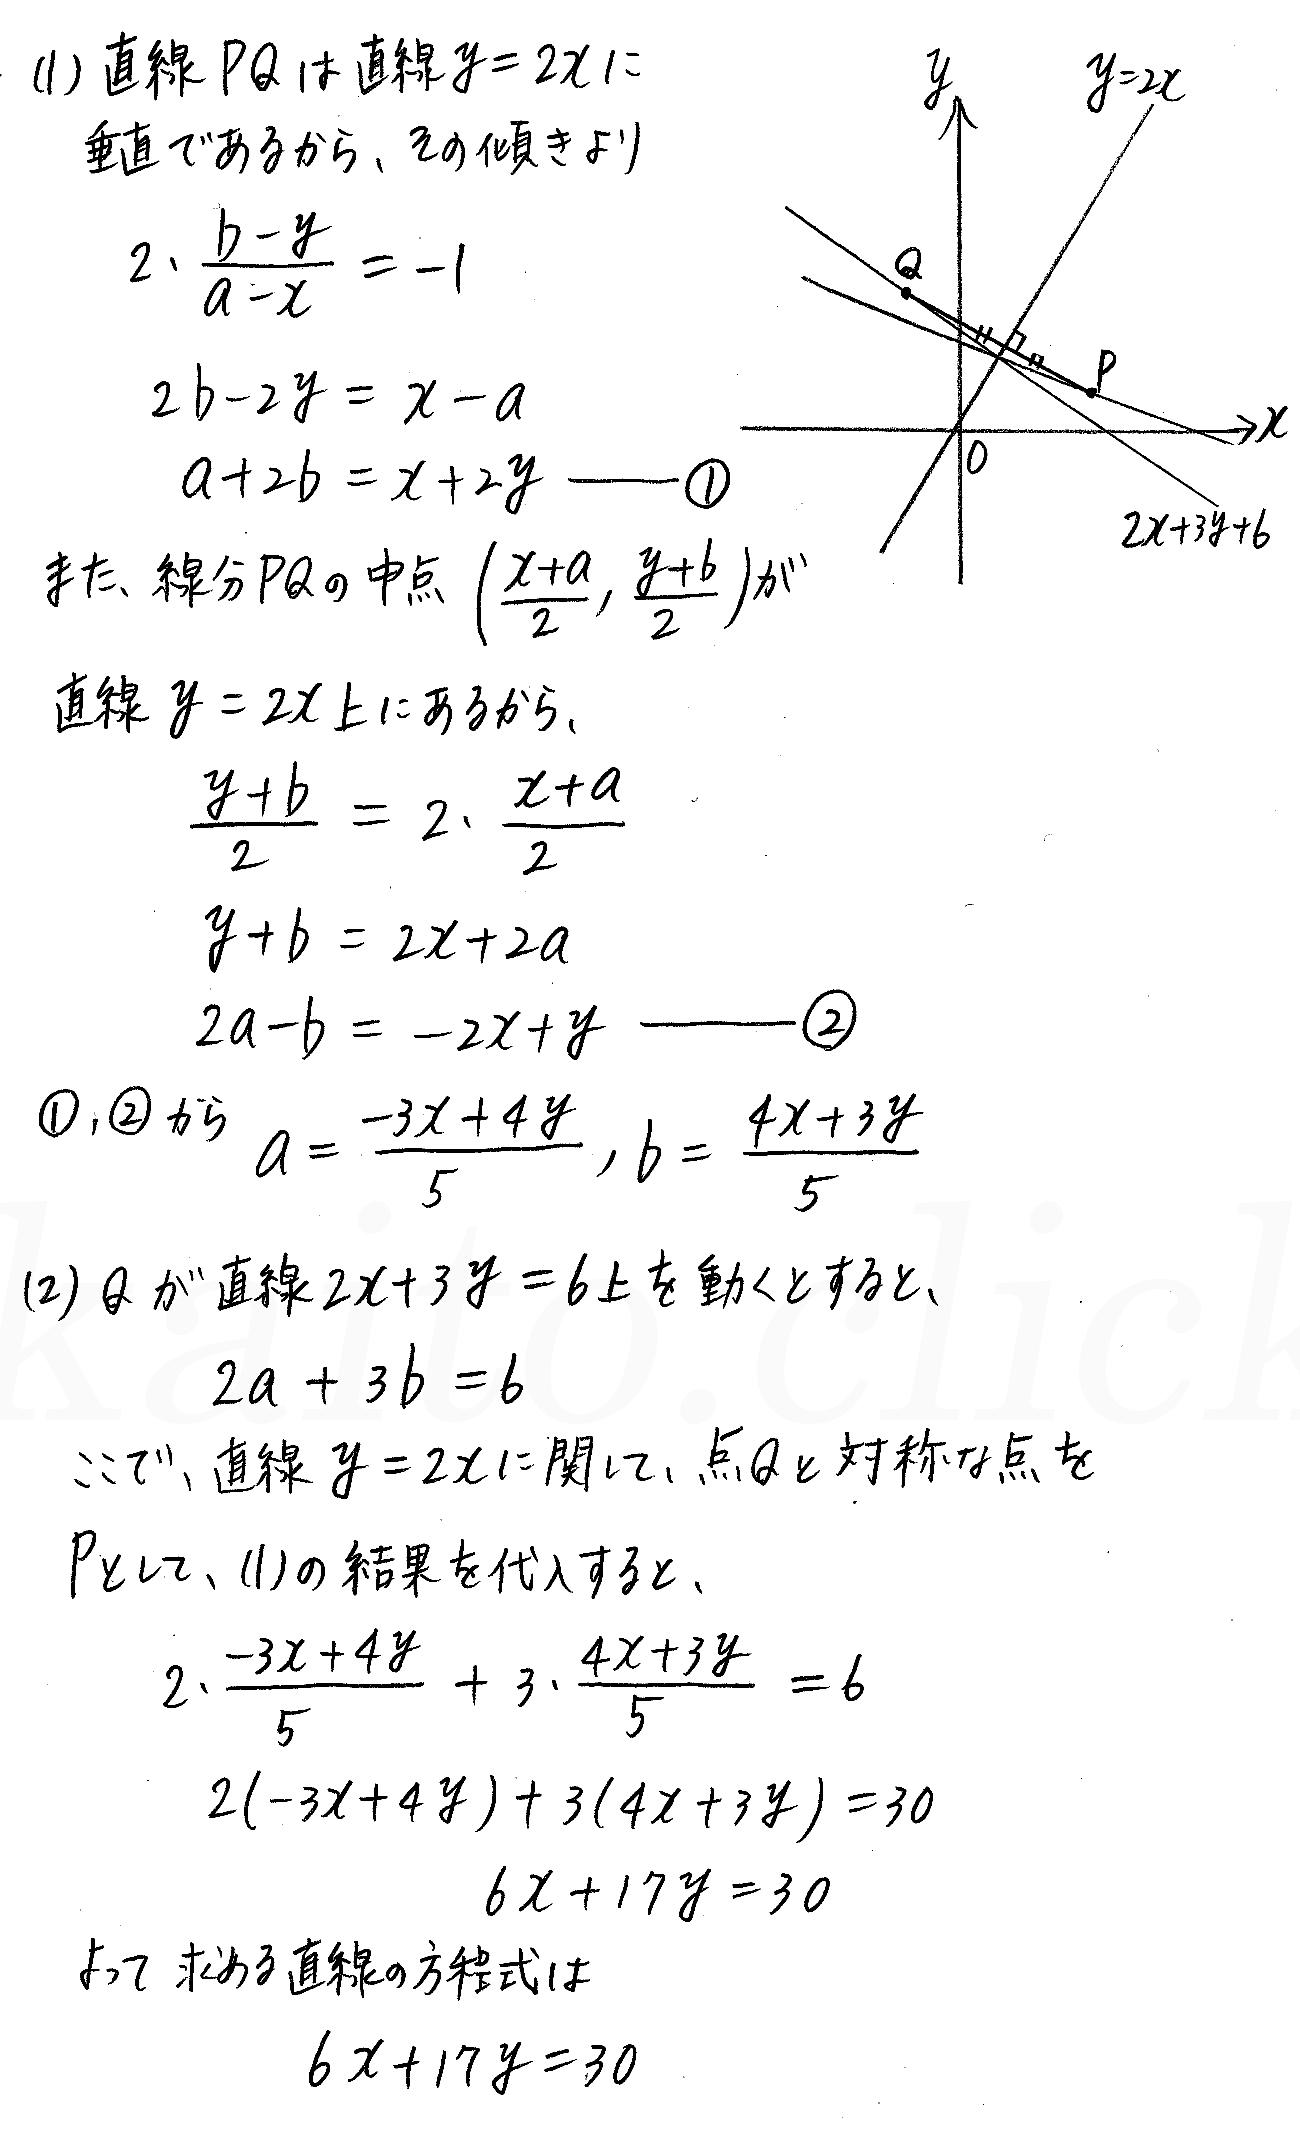 クリアー数学2-216解答